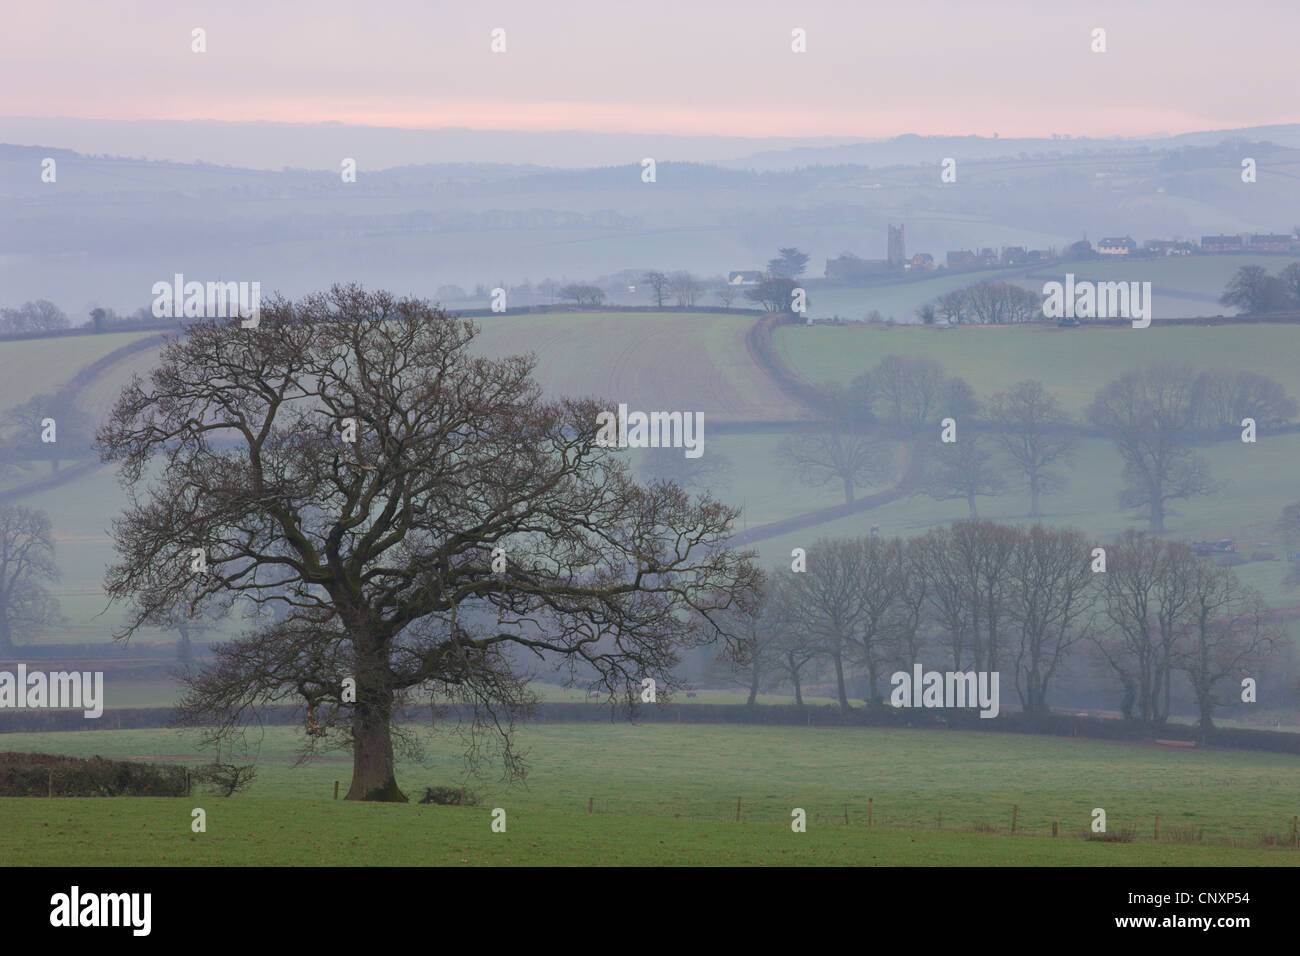 Nebel bedeckt Hügellandschaft in der Nähe von Lollapalooza, Devon, England. Winter (Januar) 2012. Stockfoto